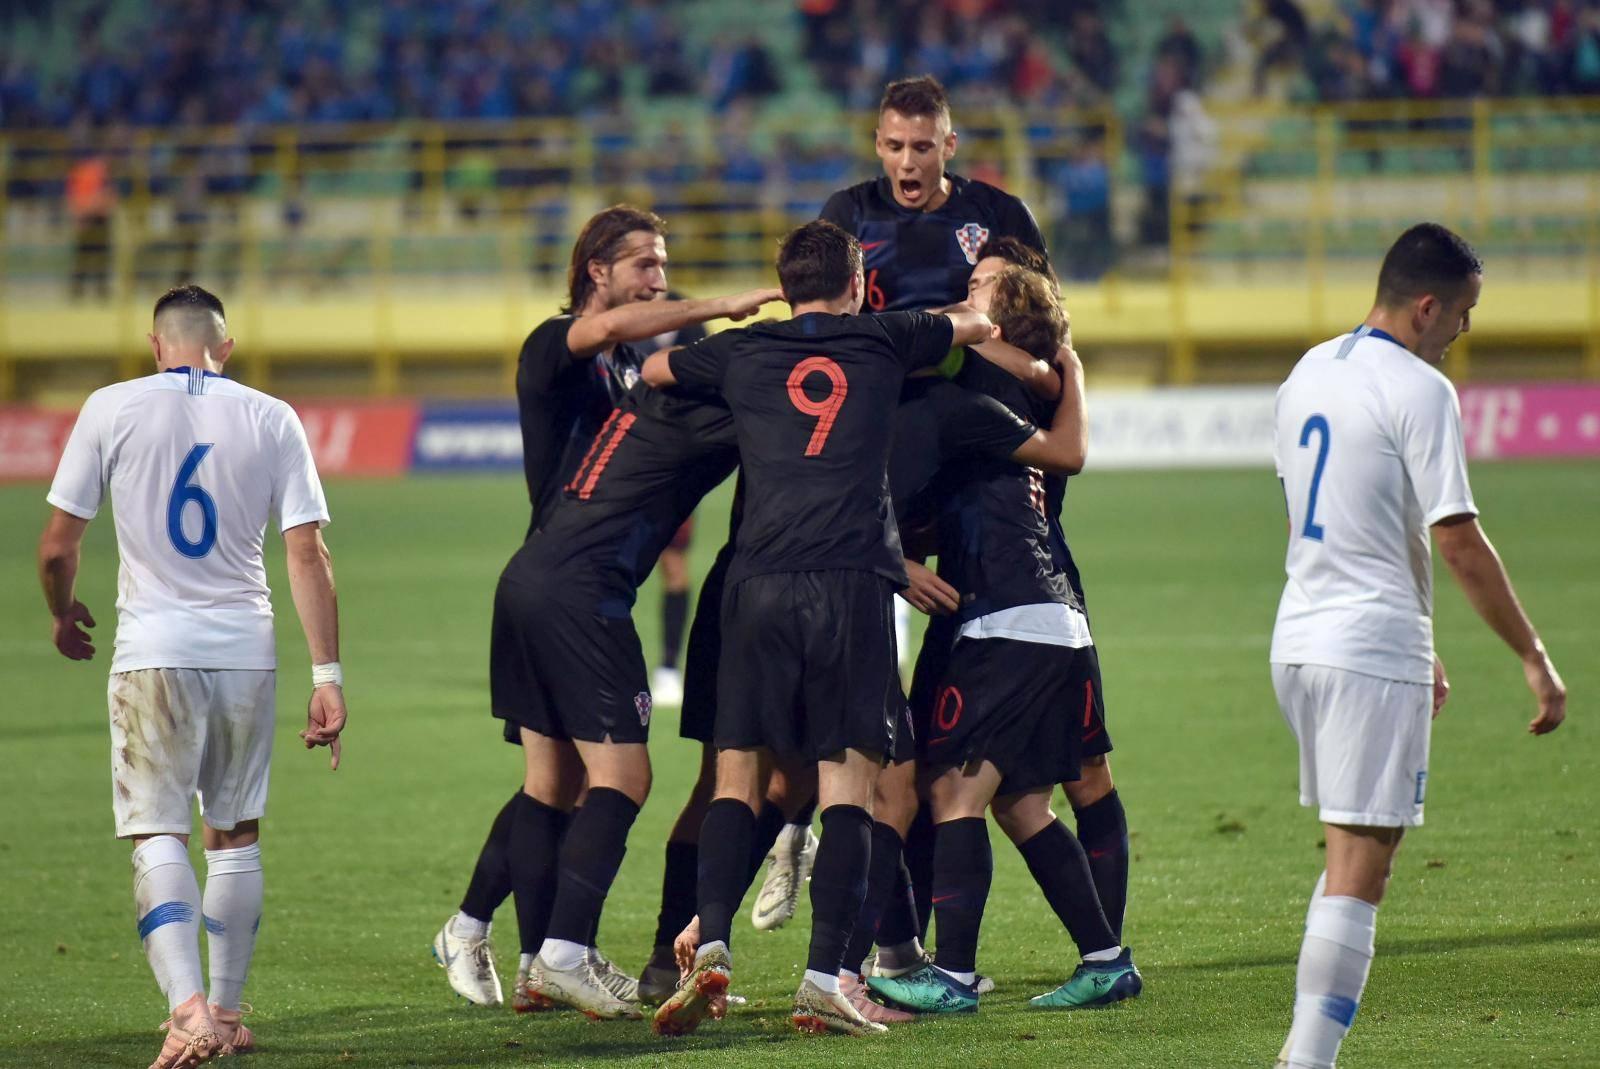 Mladi 'vatreni' dostigli dva gola prednosti Italije za dobar remi